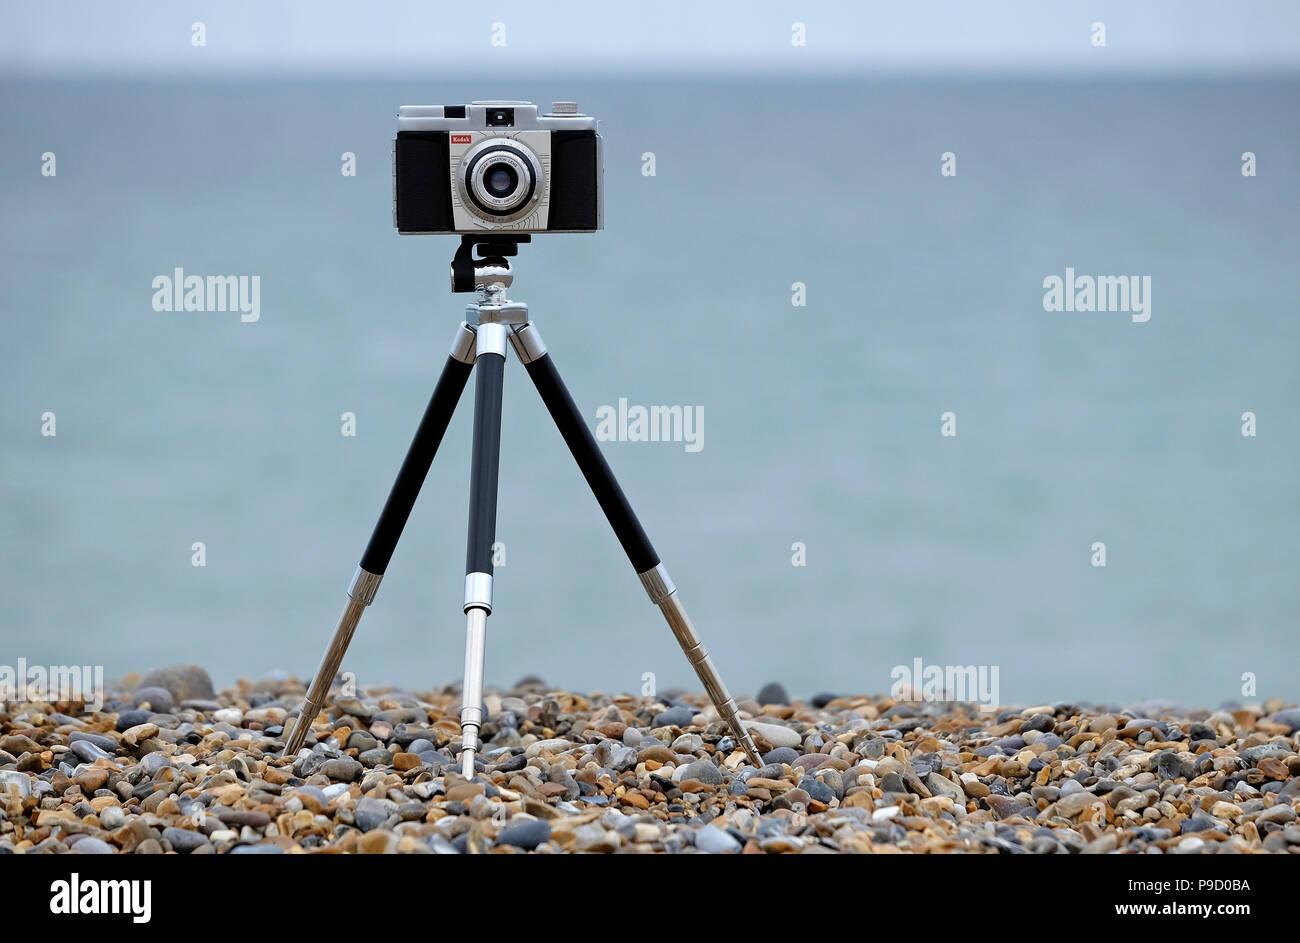 Vintage retro film kamera und teleskop stativ aus metall am